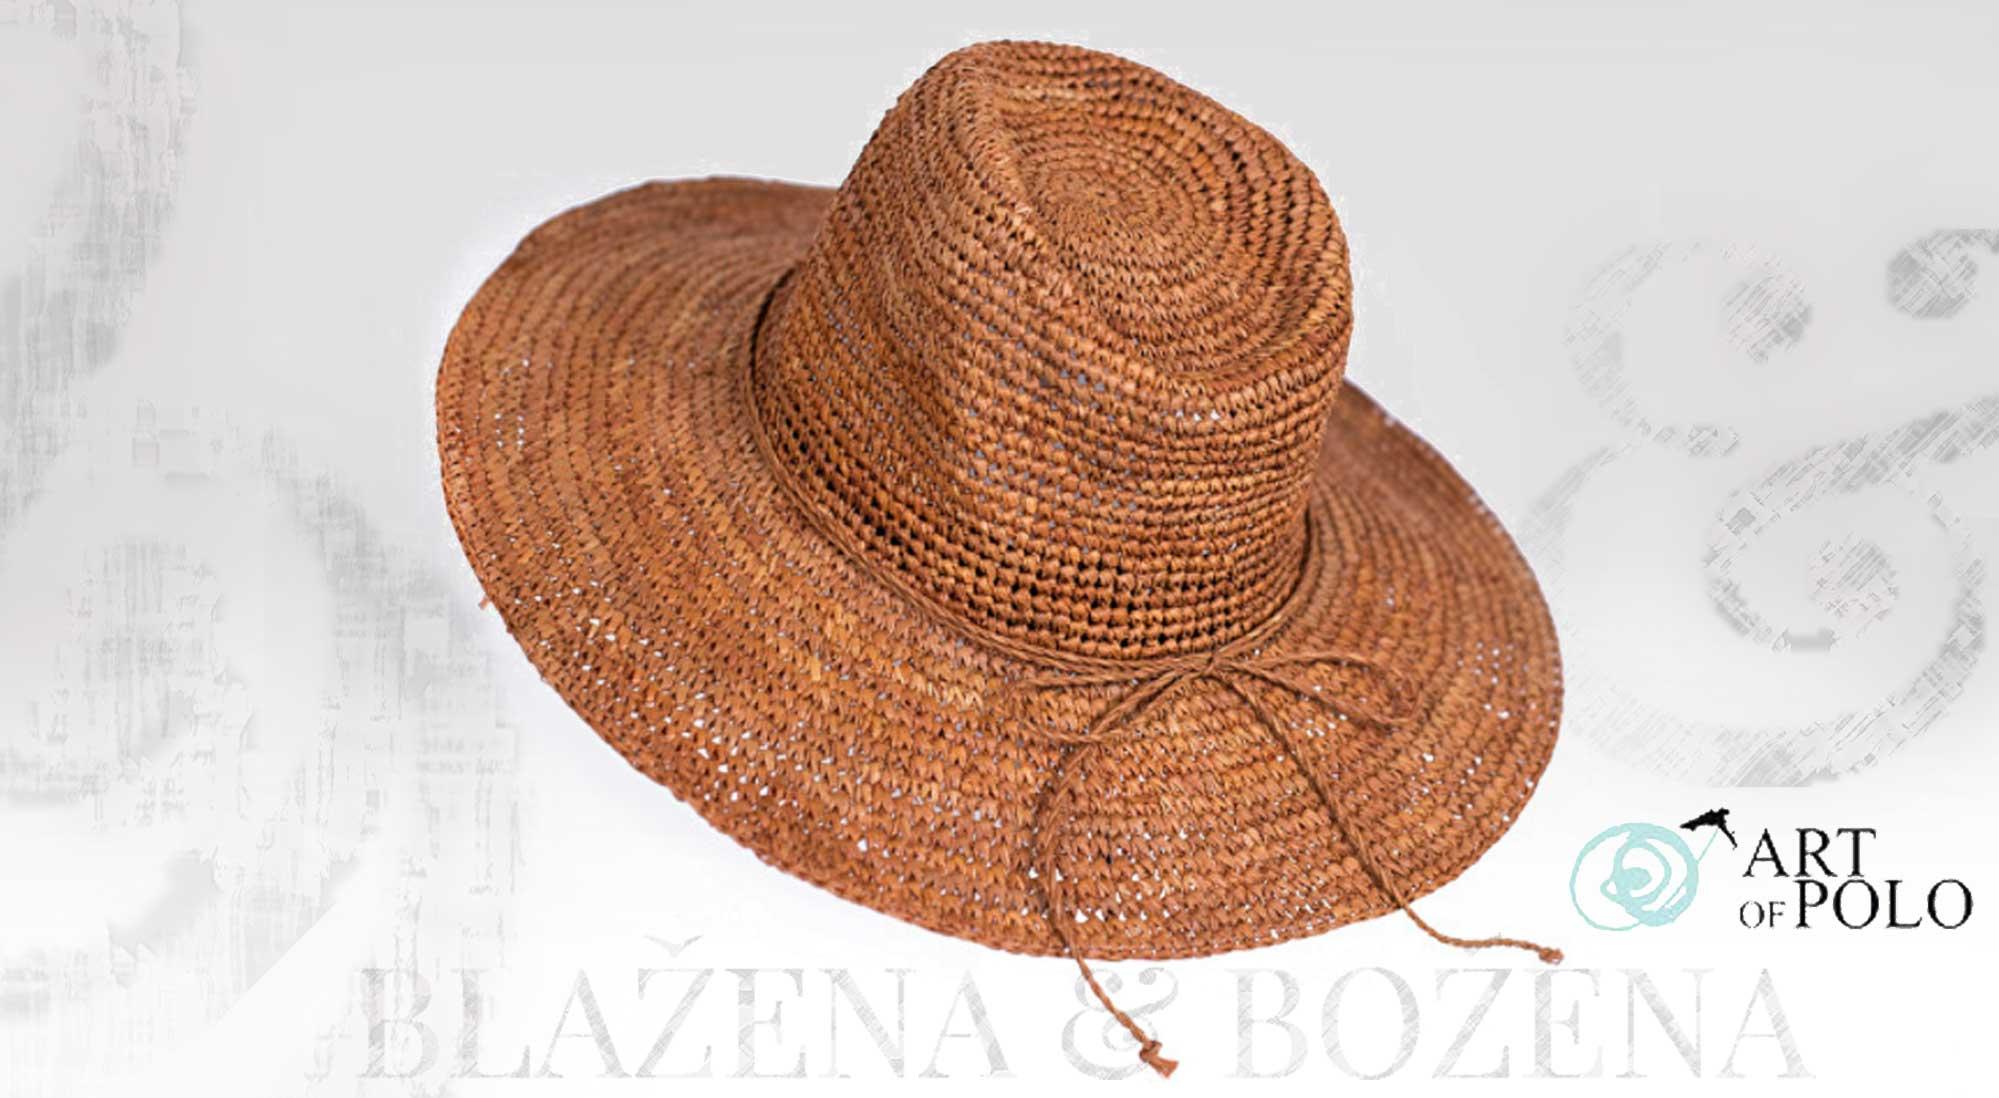 Blažena Božena. královny klobouků. Přírodní letní klobouk d56c2950b0